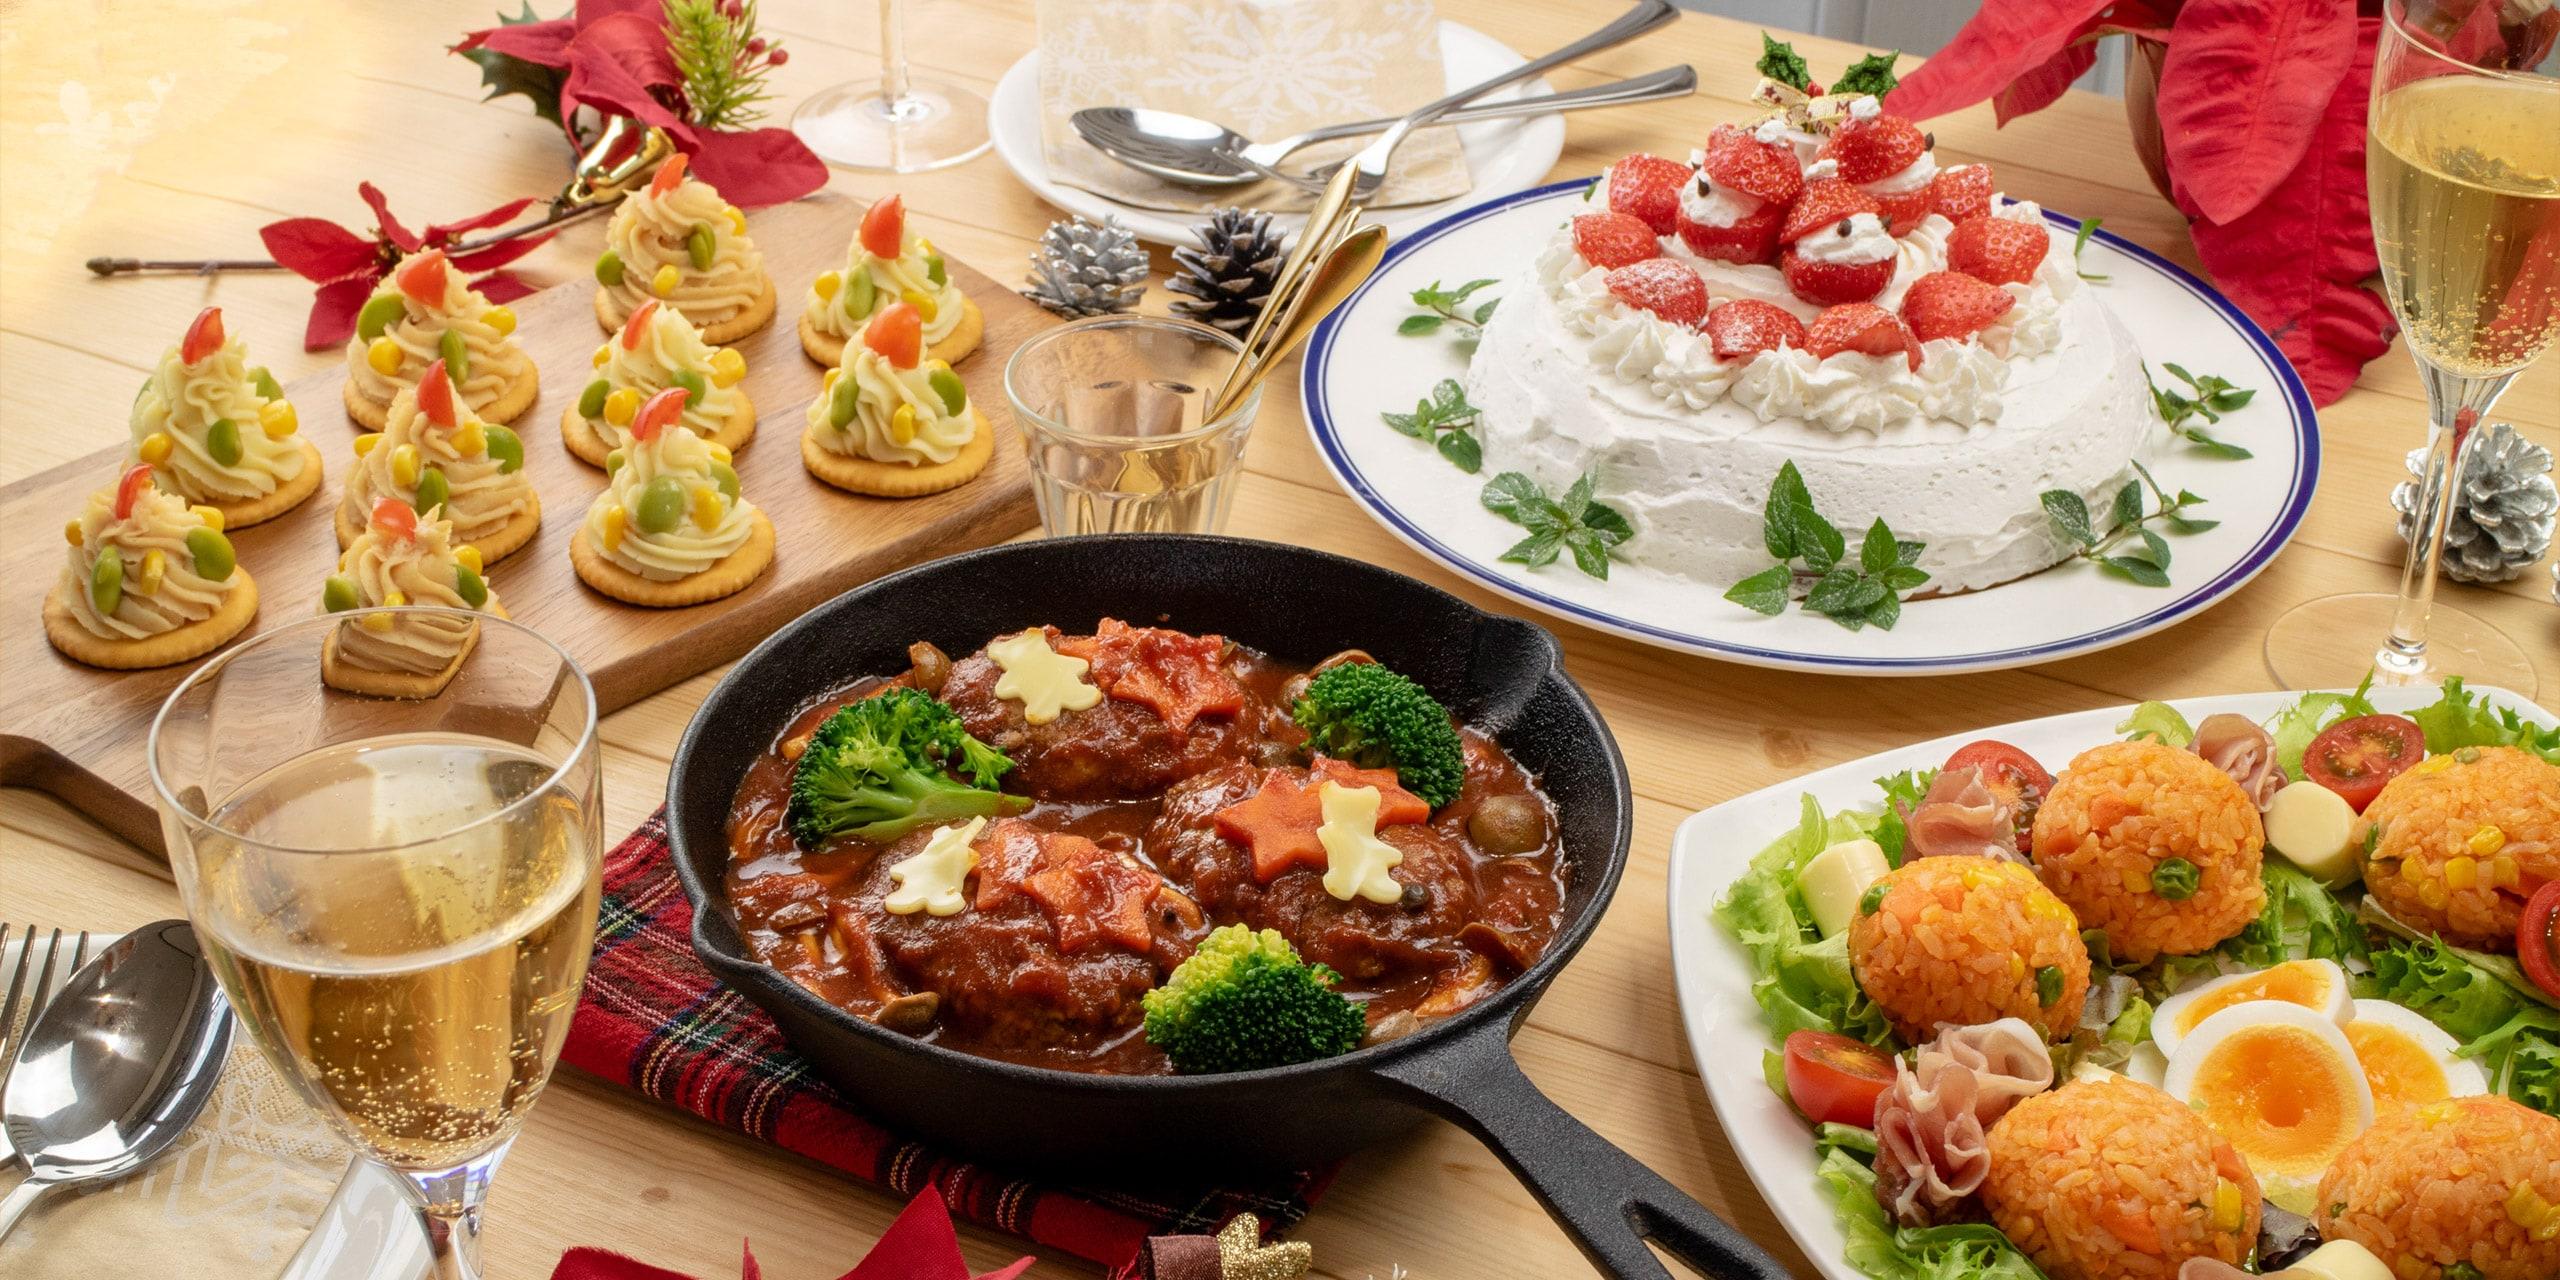 子どもたちに人気のメニュー大集合!家族で楽しむクリスマスレシピ